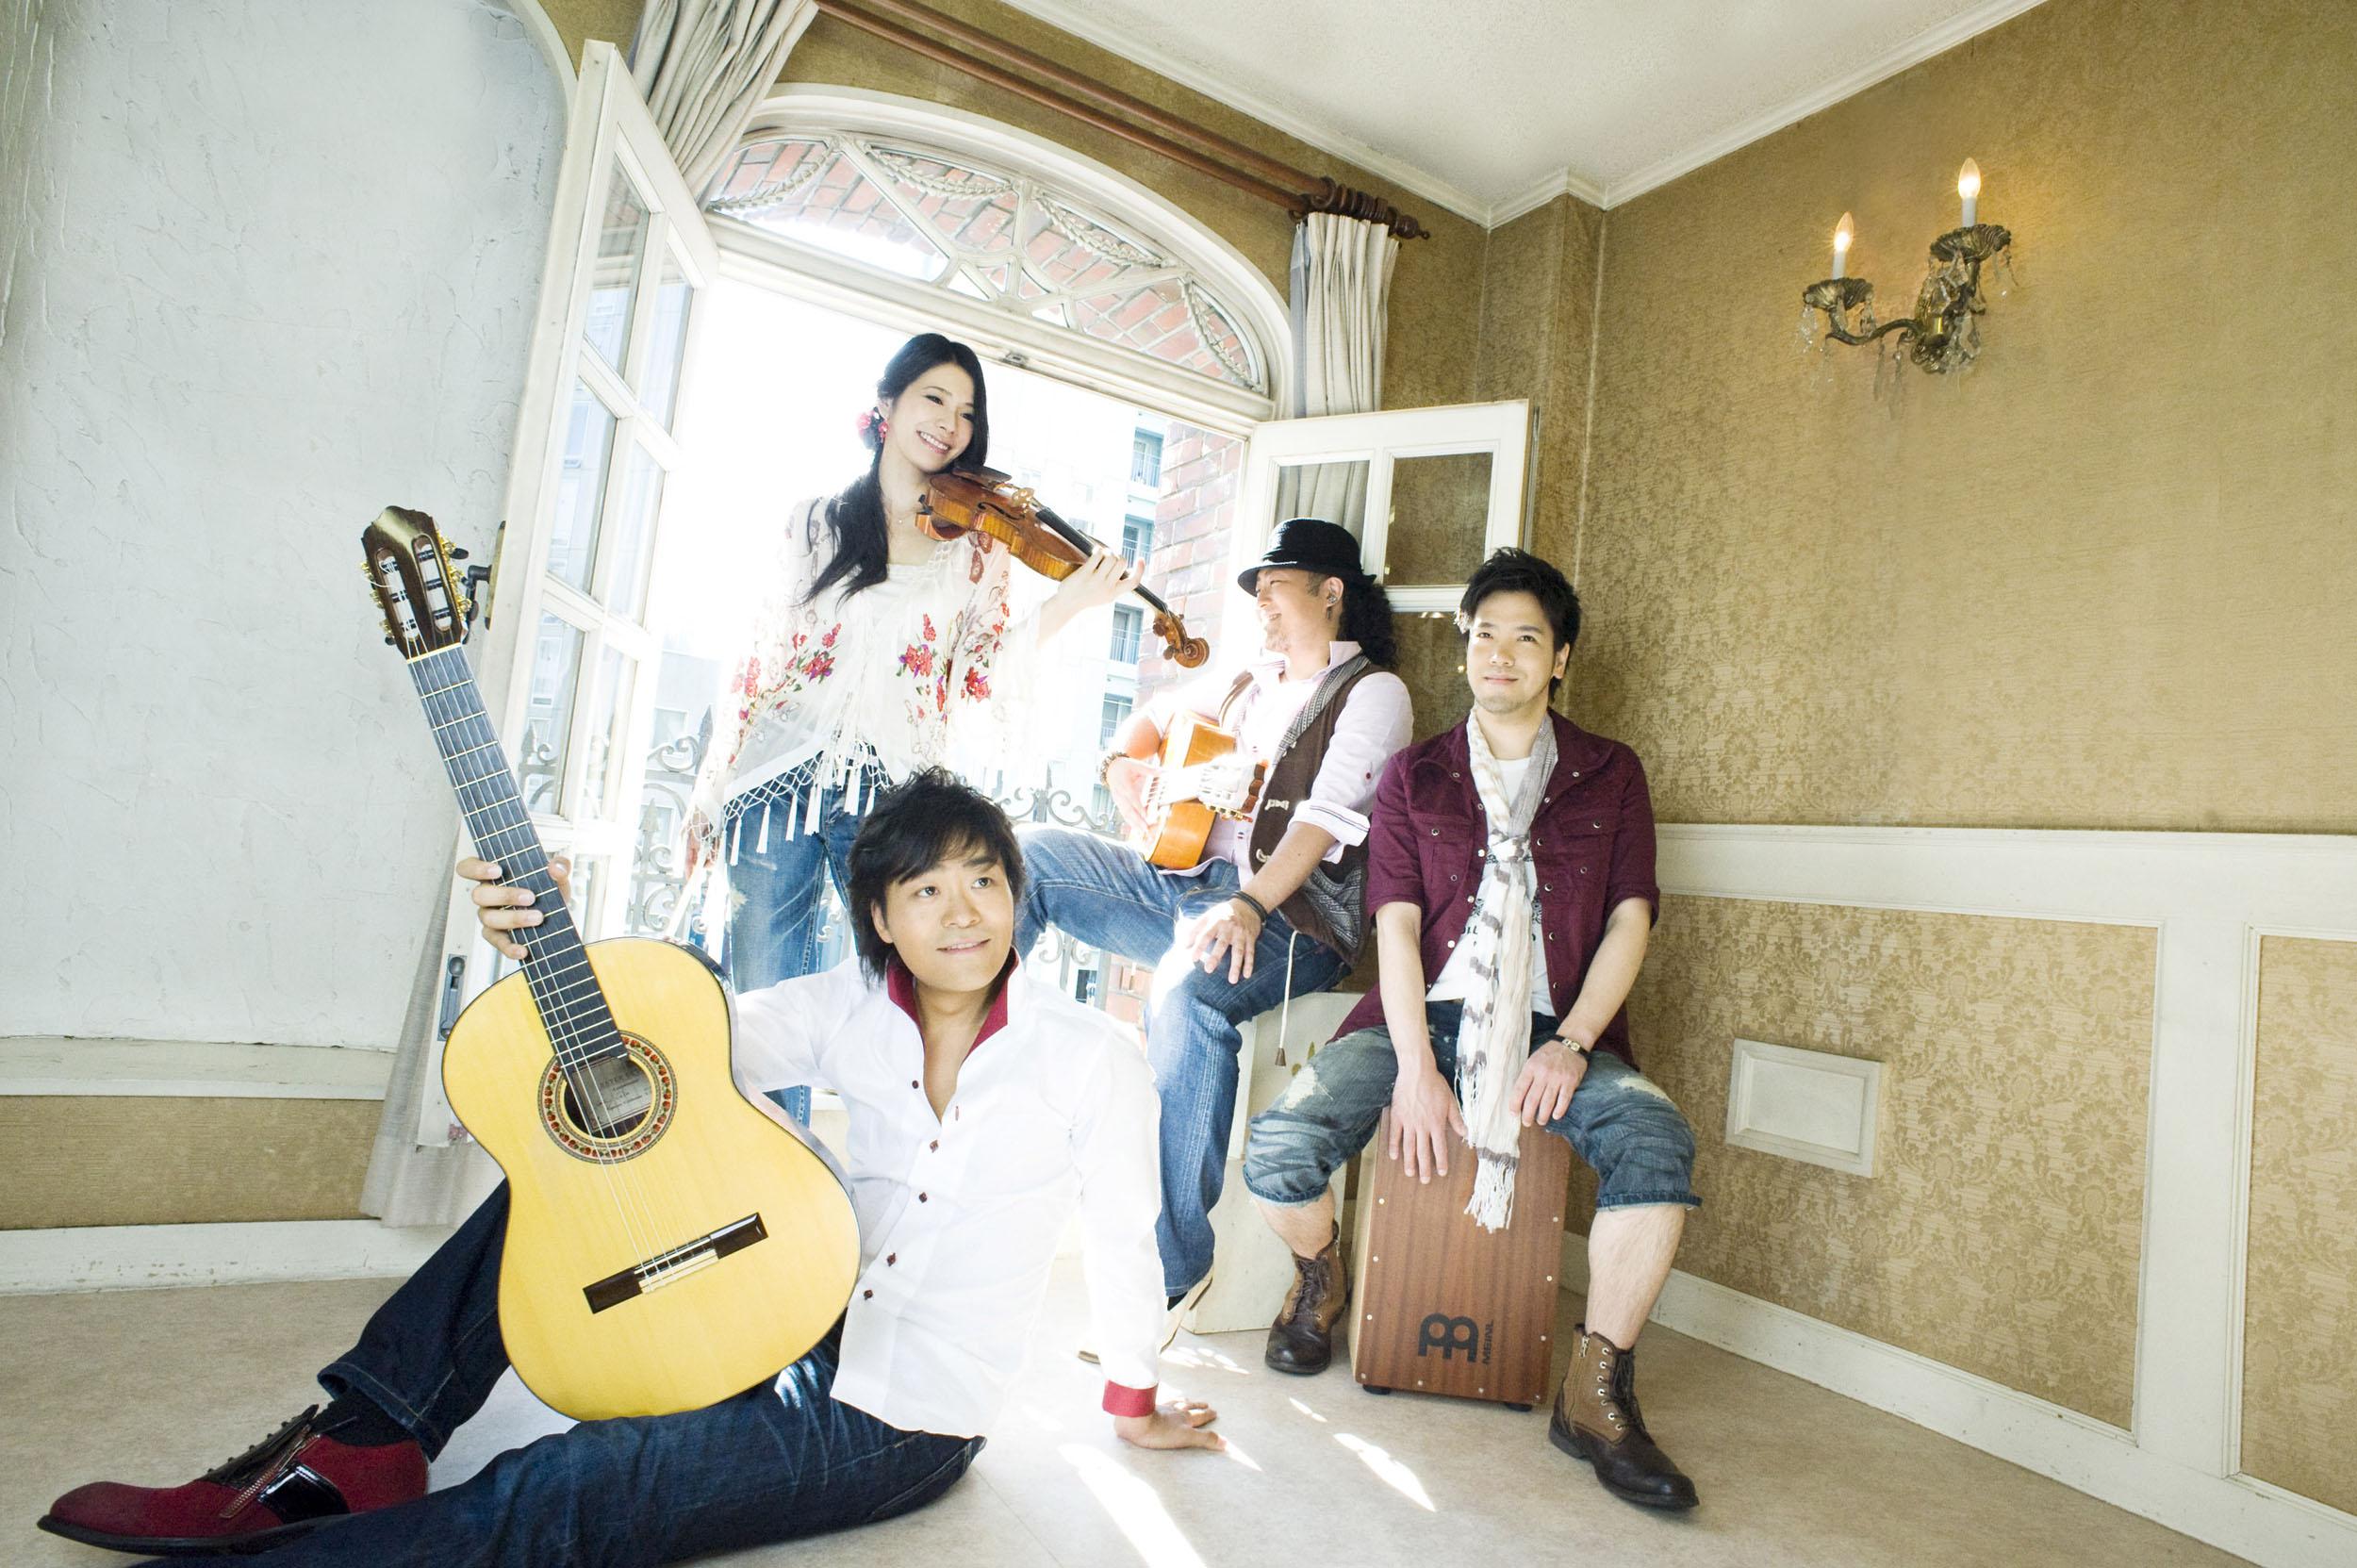 Soluz(ソルス)フラメンコギター×ヴァイオリン×パーカッション